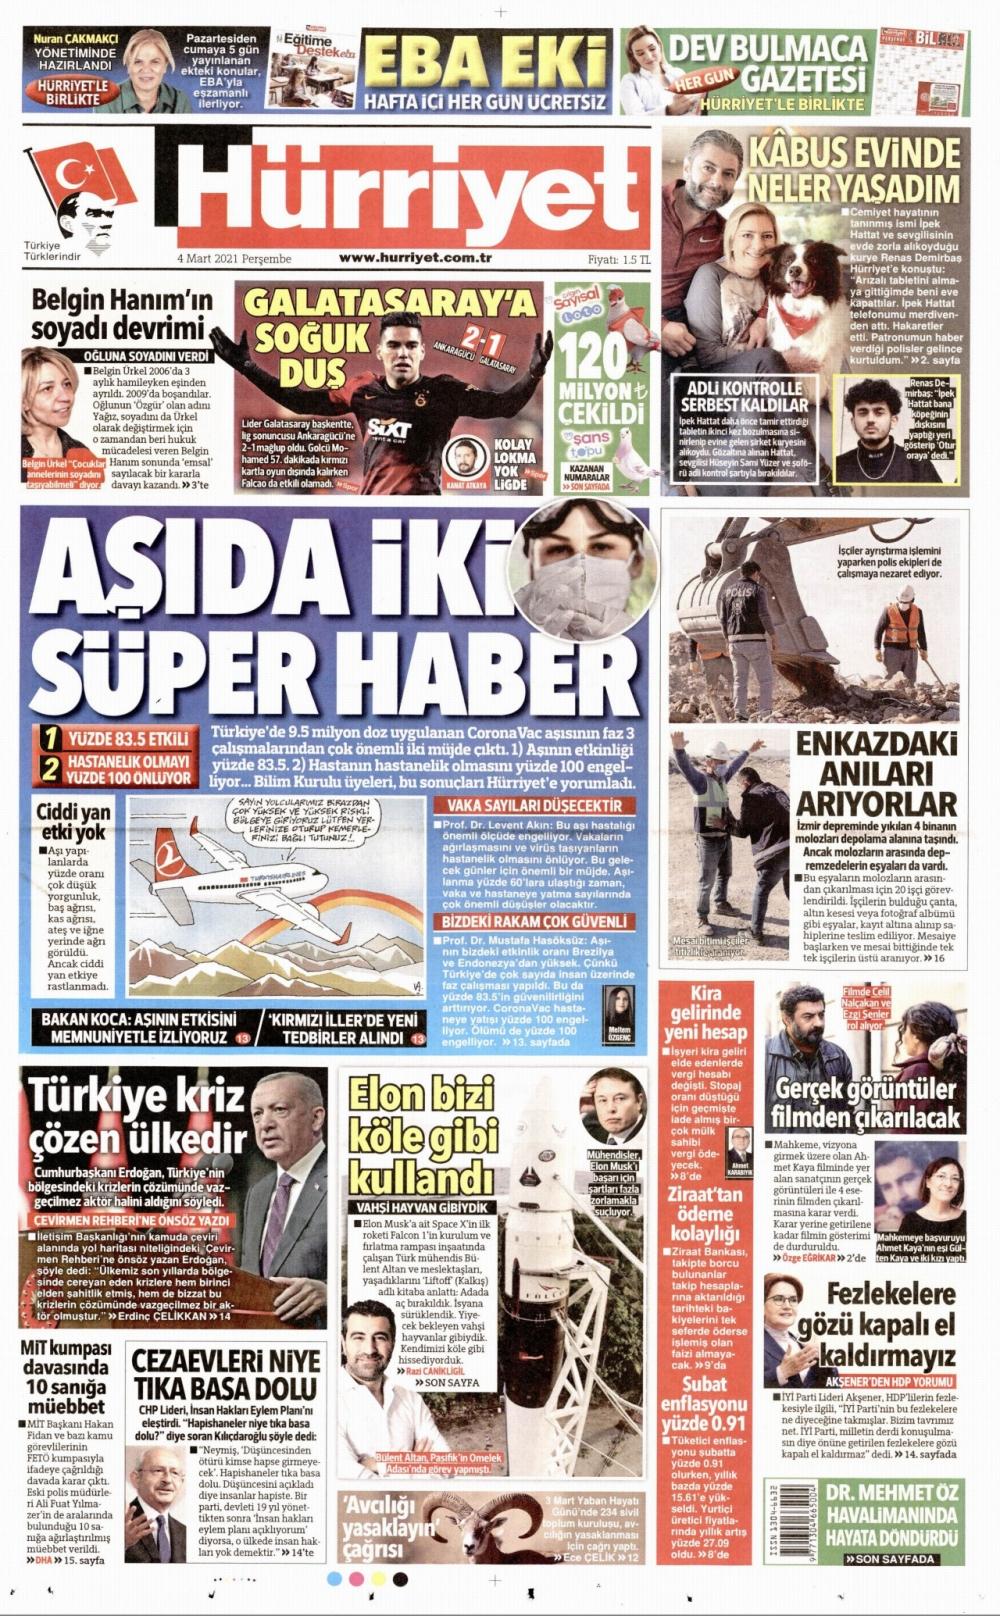 Günün Gazete Manşetleri 4 Mart 2021 Gazeteler Ne Diyor? 1